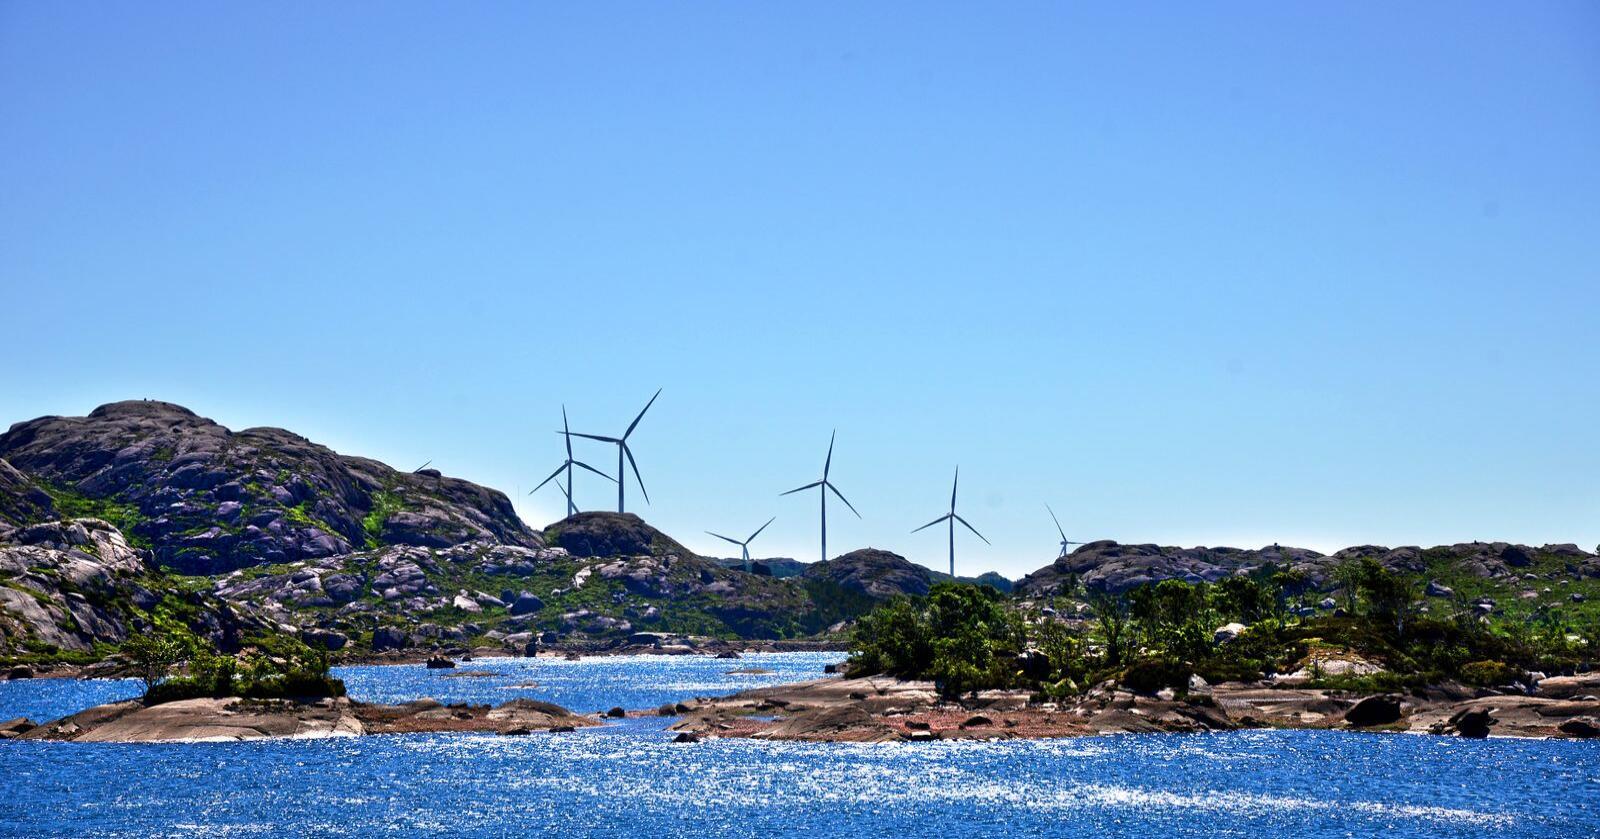 Vindkraft: Hva må man akseptere?  Foto: Siri Juell Rasmussen